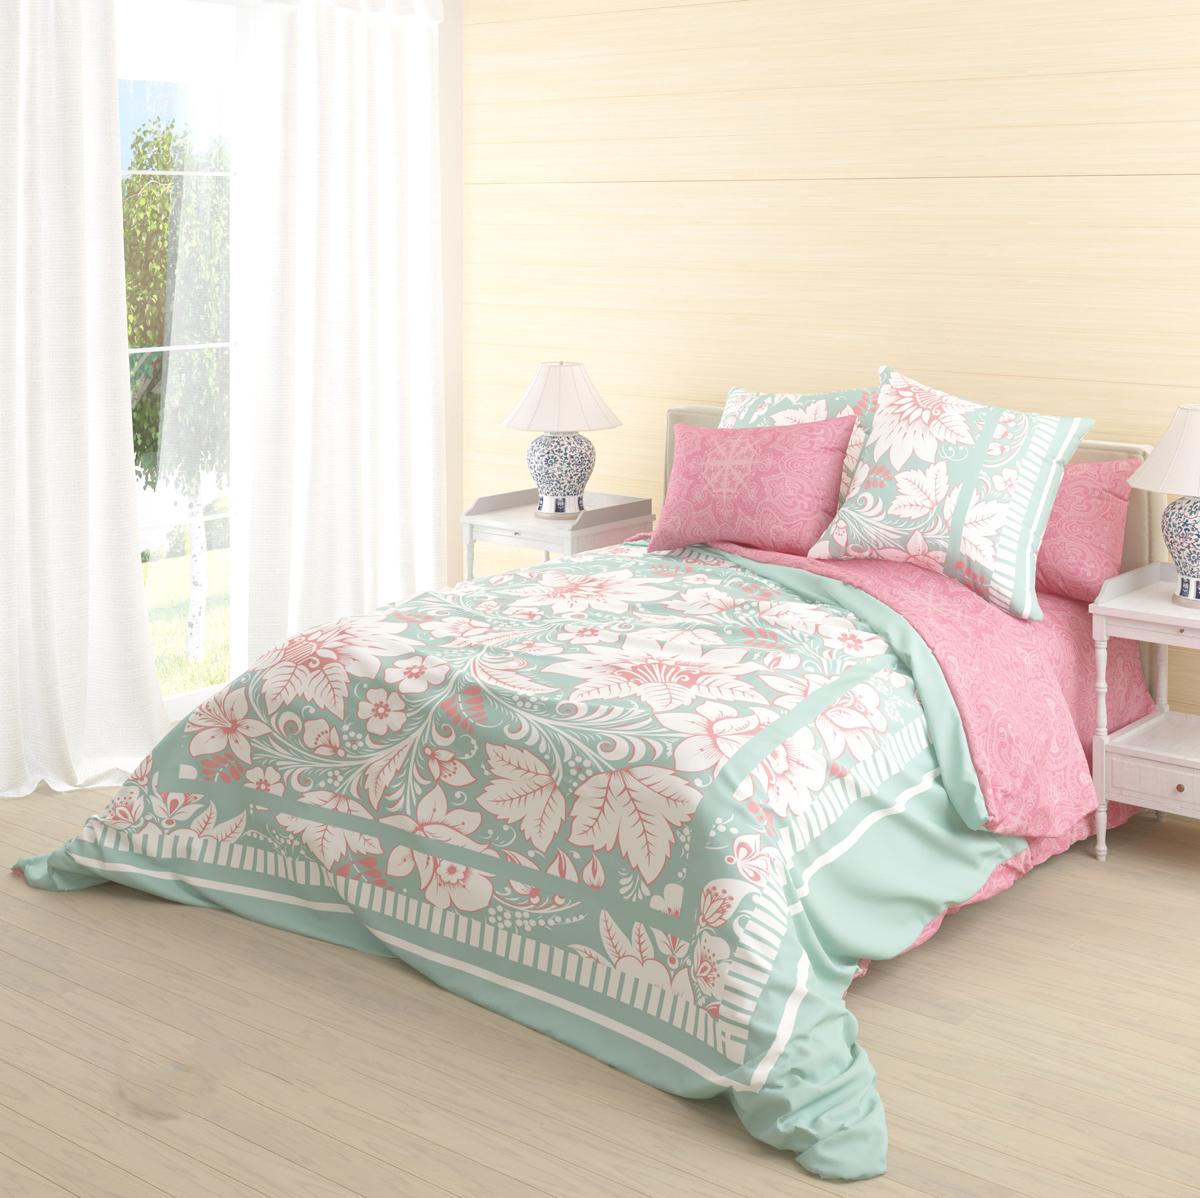 Комплект белья Волшебная ночь Biruza, 2-спальный, наволочки 50х70 см718652Роскошный комплект постельного белья Волшебная ночь  Biruza выполнен из натурального ранфорса (100% хлопка) и оформлен оригинальным рисунком. Комплект состоит из пододеяльника, простыни и двух наволочек.Ранфорс - это новая современная гипоаллергенная ткань из натуральных хлопковых волокон, которая прекрасно впитывает влагу, очень проста в уходе, а за счет высокой прочности способна выдерживать большое количество стирок. Высочайшее качество материала гарантирует безопасность.